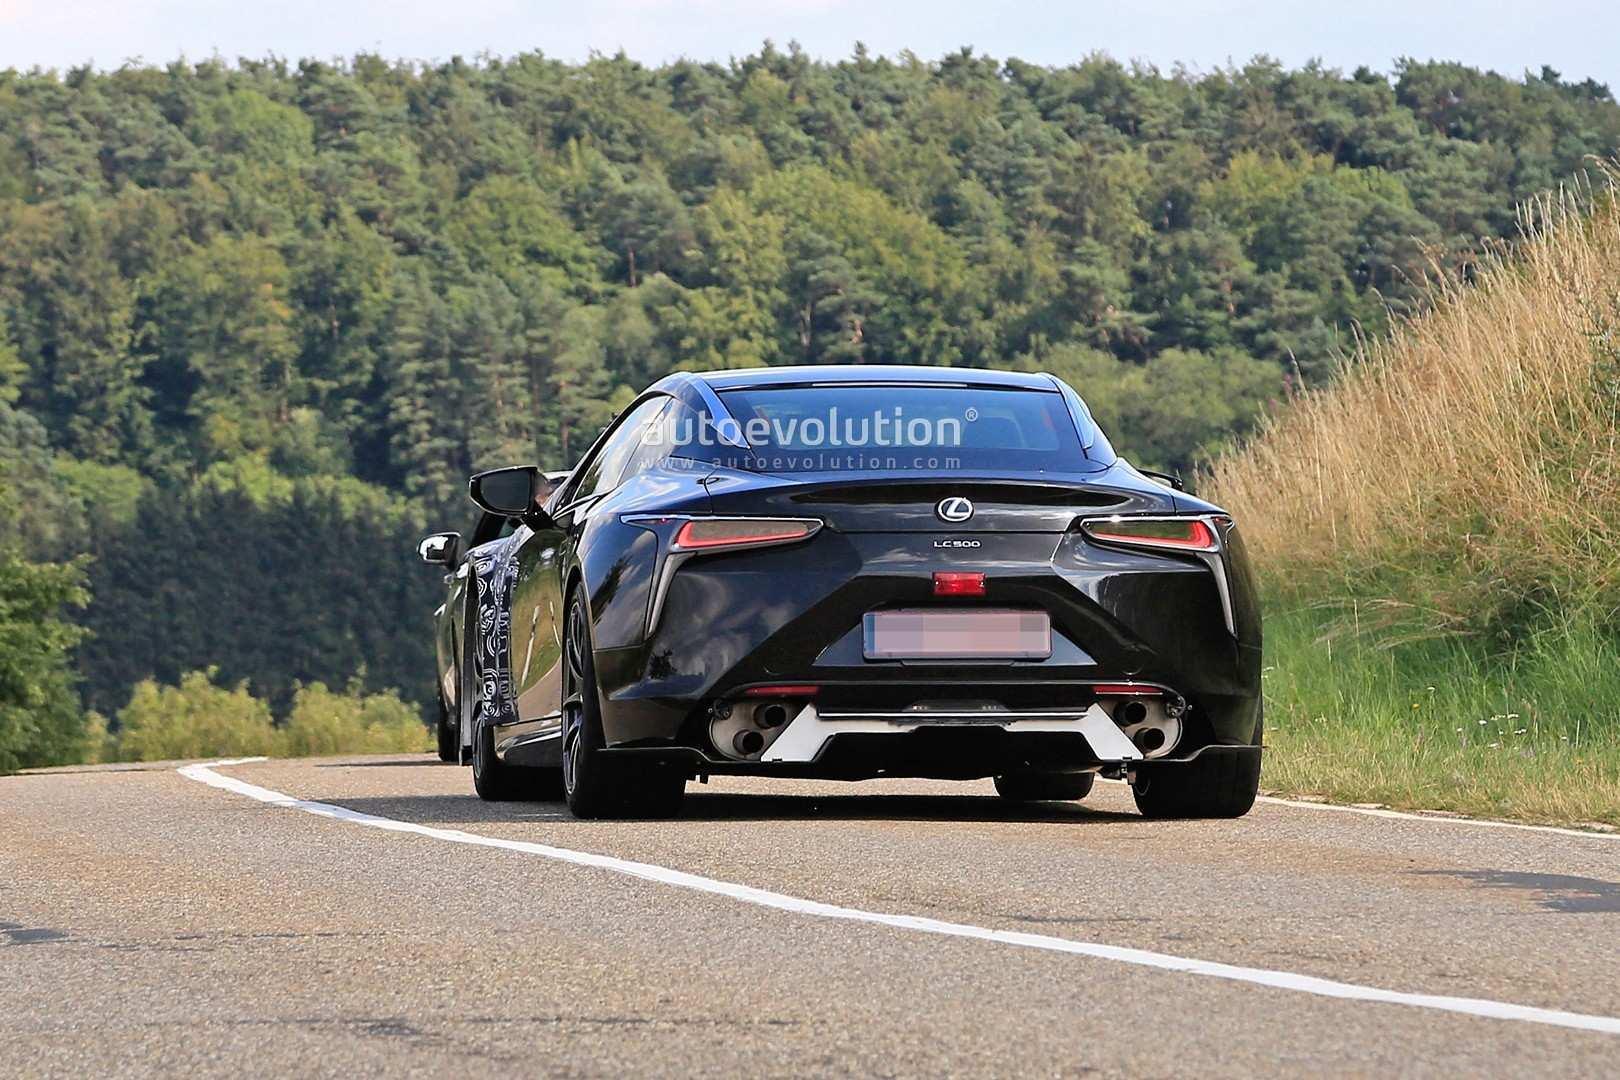 44 Best Review Lexus Gs F 2020 Reviews for Lexus Gs F 2020